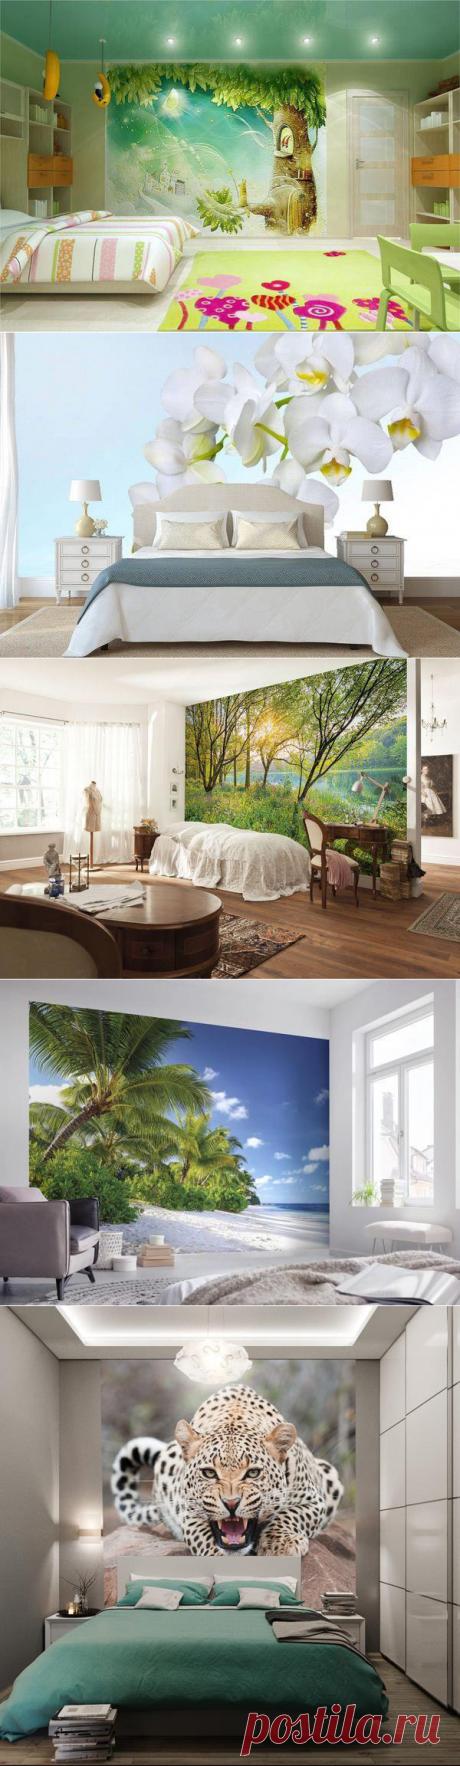 Какие фотообои выбрать для спальни - фотообои, спальня, интерьер, как выбрать фотобои, какие выбрать фотобои, фотообои для спальни